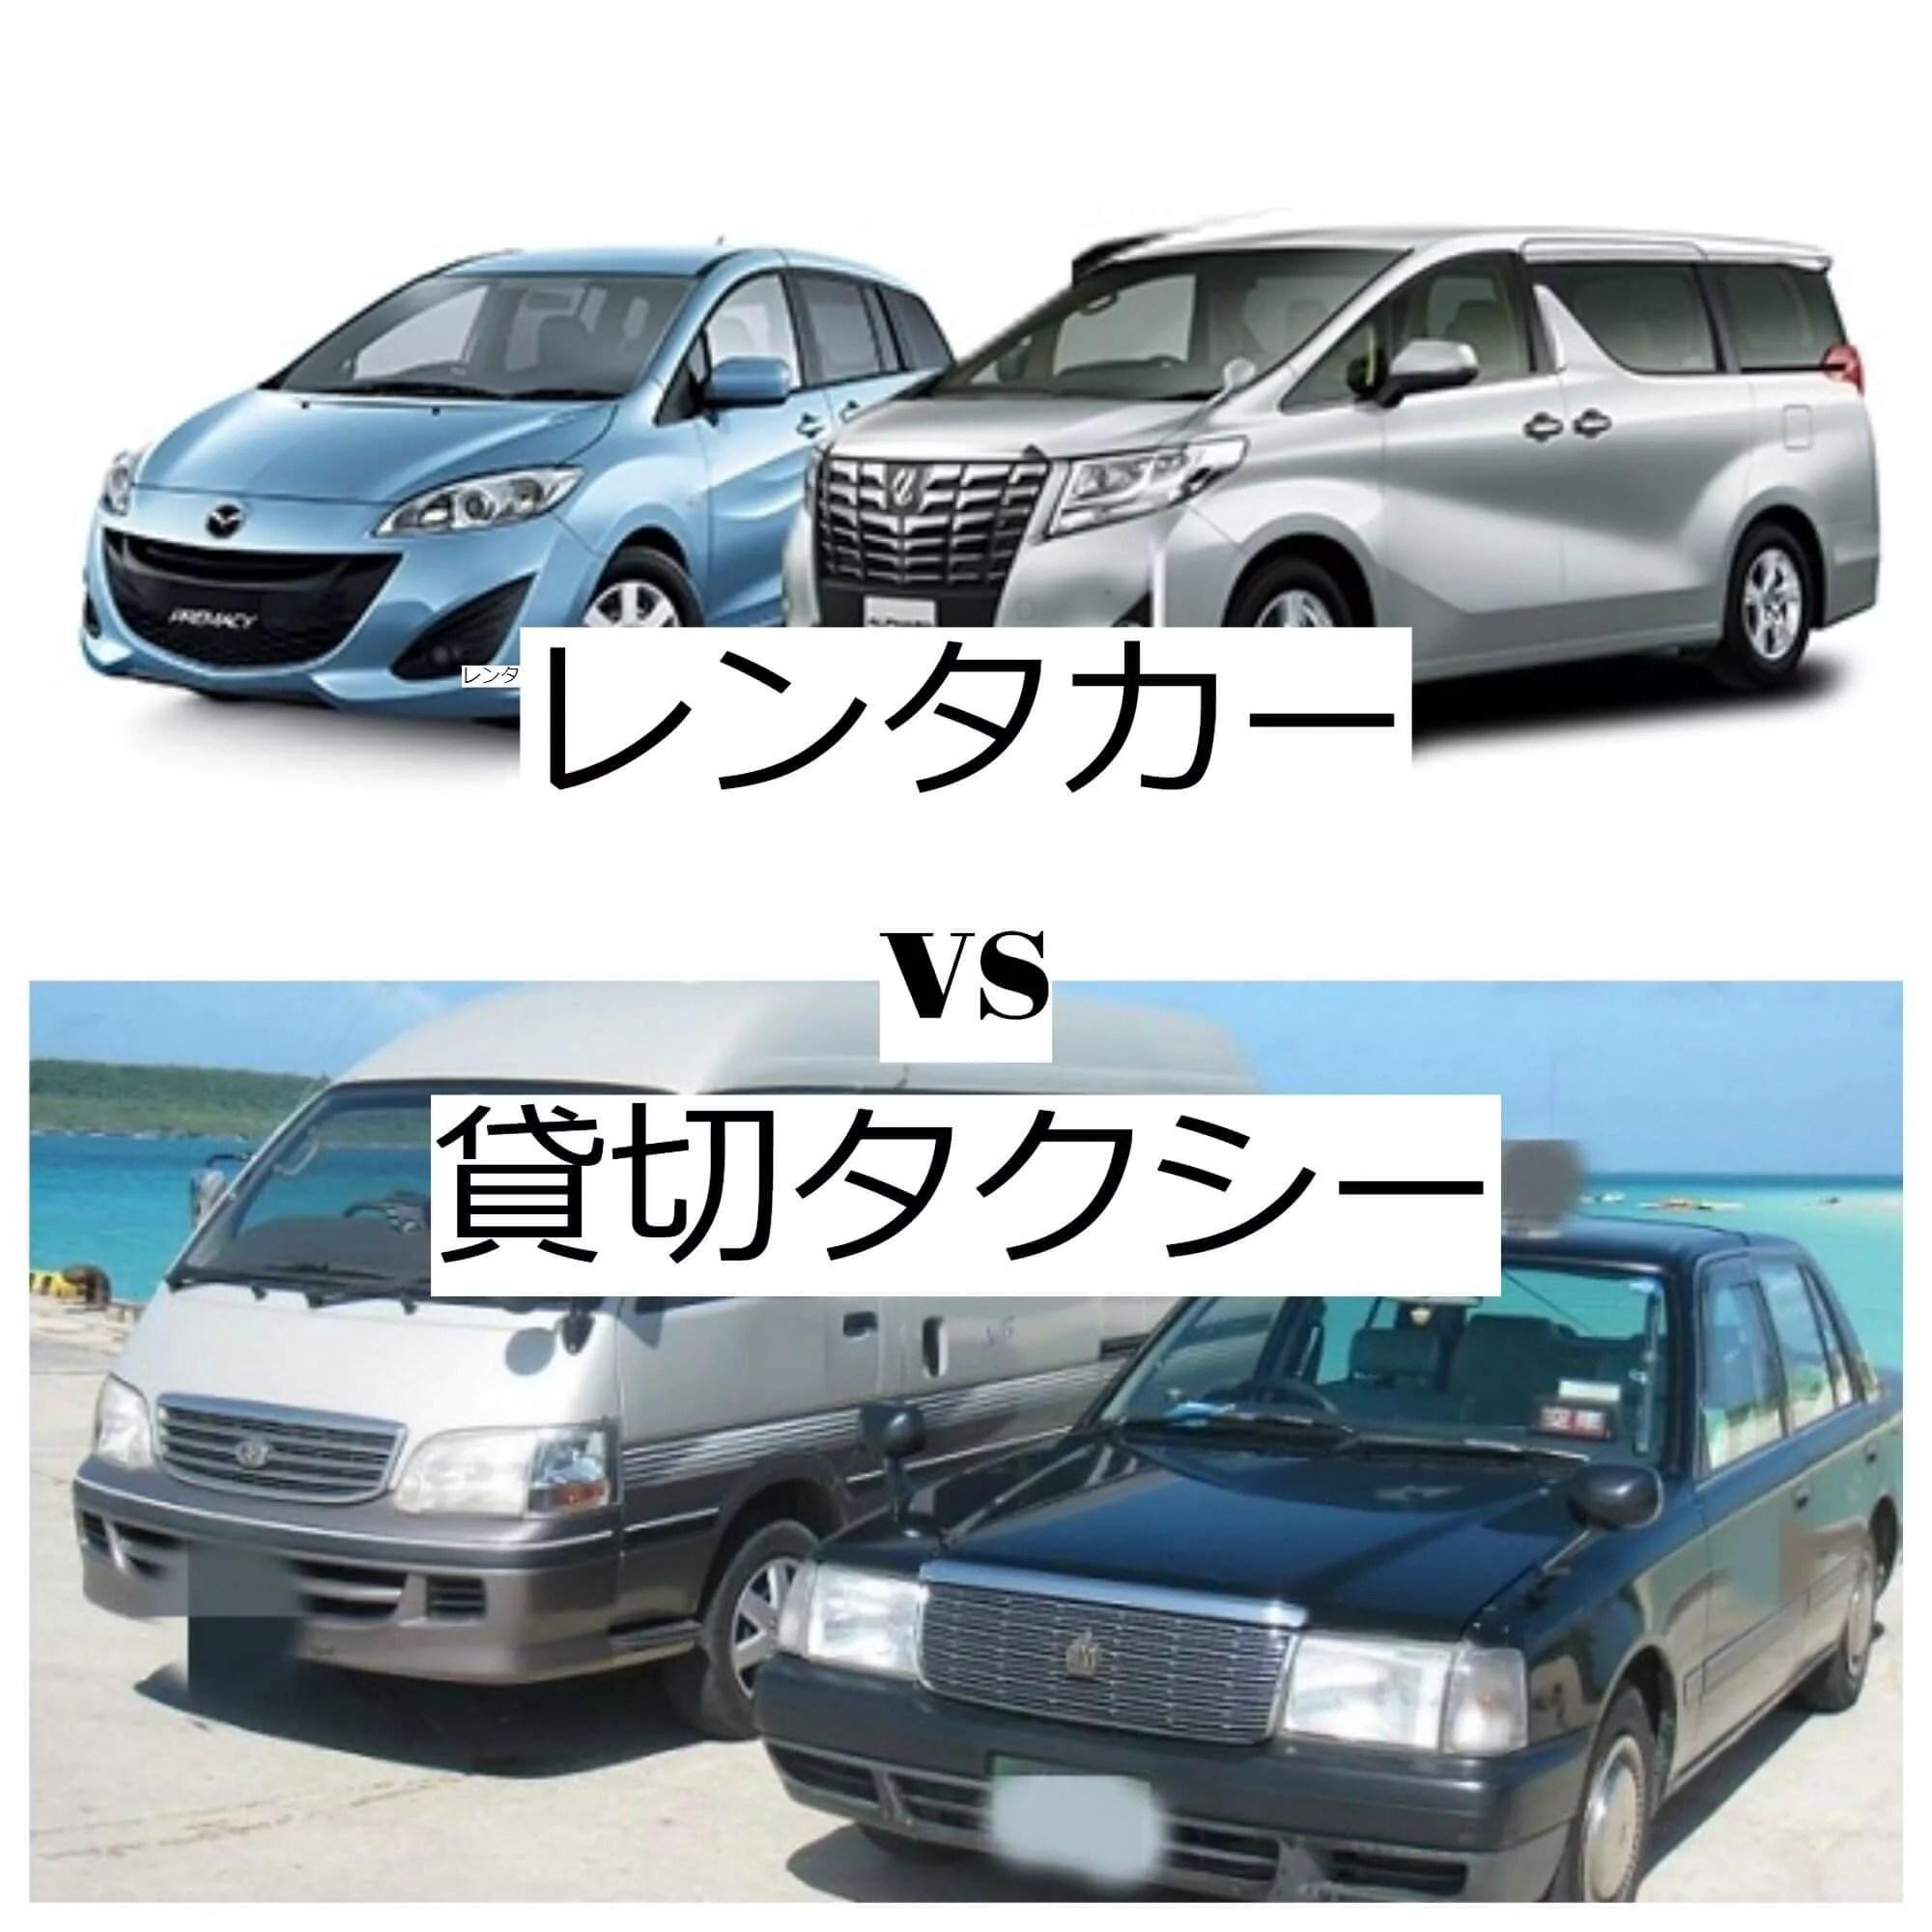 沖縄でのレンタカー待ち時間はうんざり…混雑回避の方法と貸切タクシーという選択肢